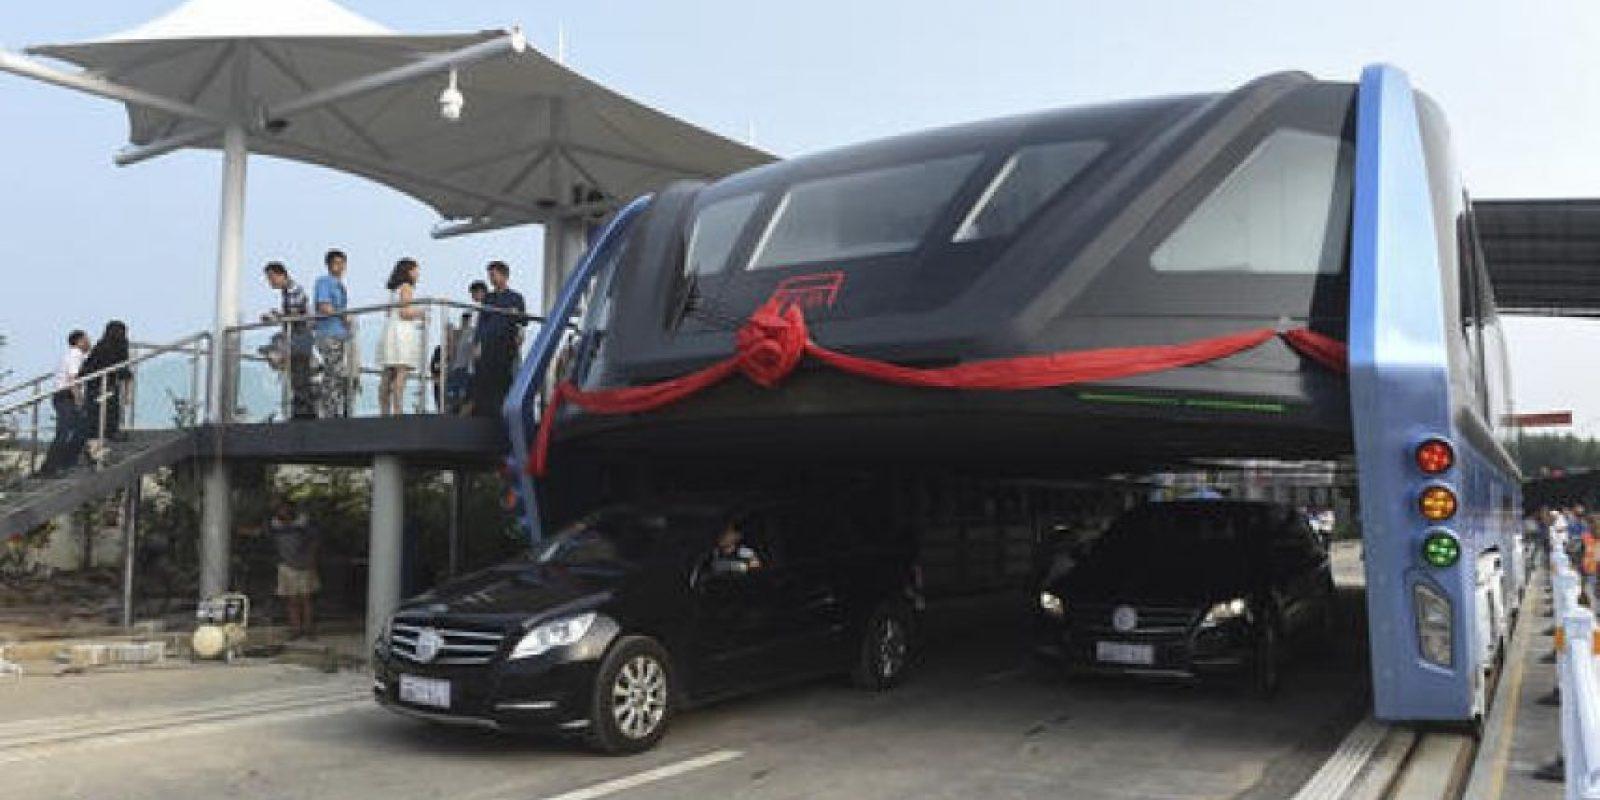 Su principal objetivo es viajar por encima de los automóviles Foto:AP